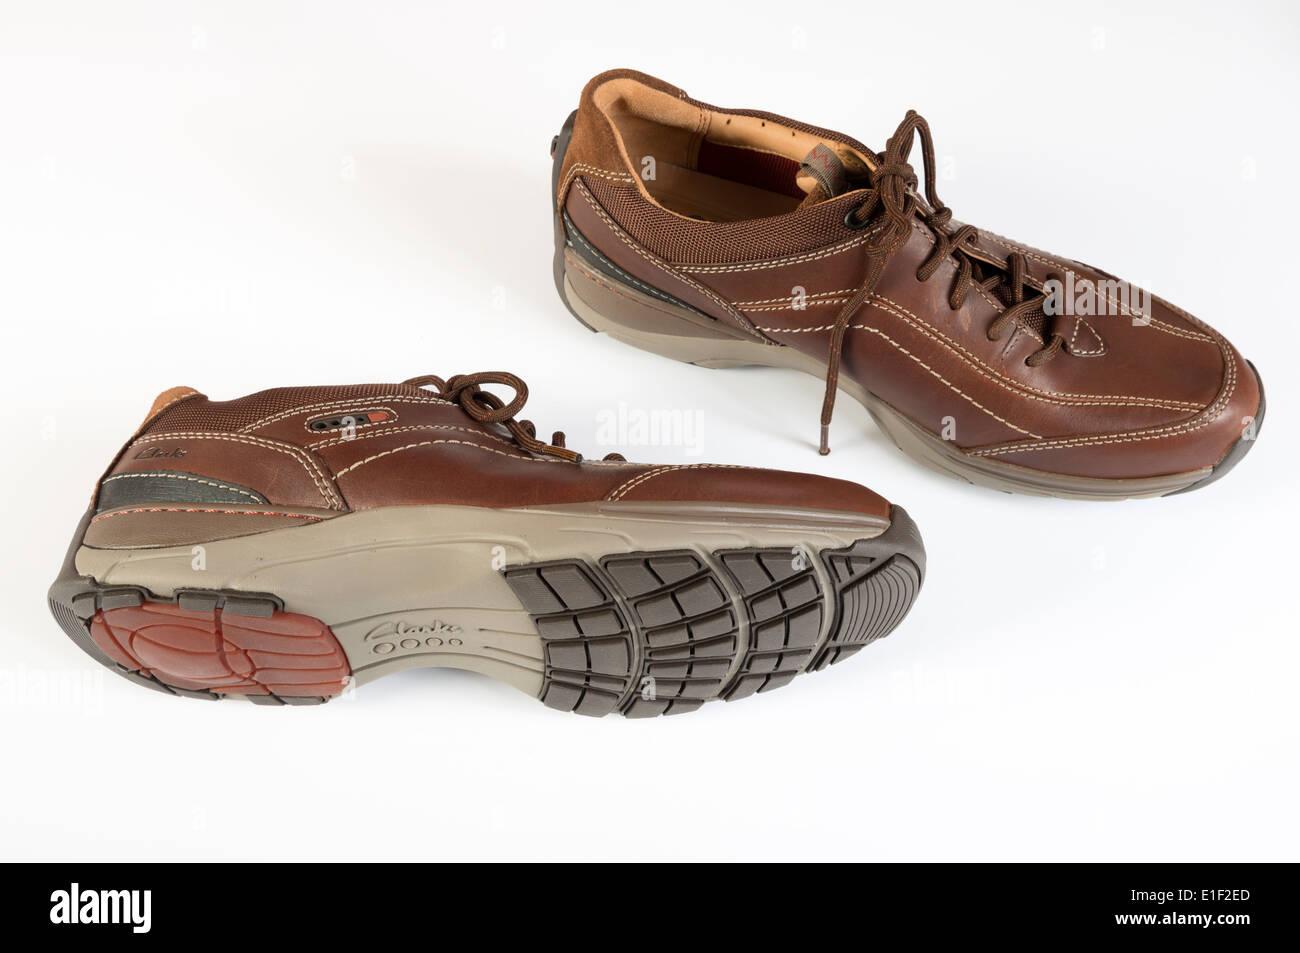 Clarks Active Air Vent Shoes Imágenes De Stock & Clarks